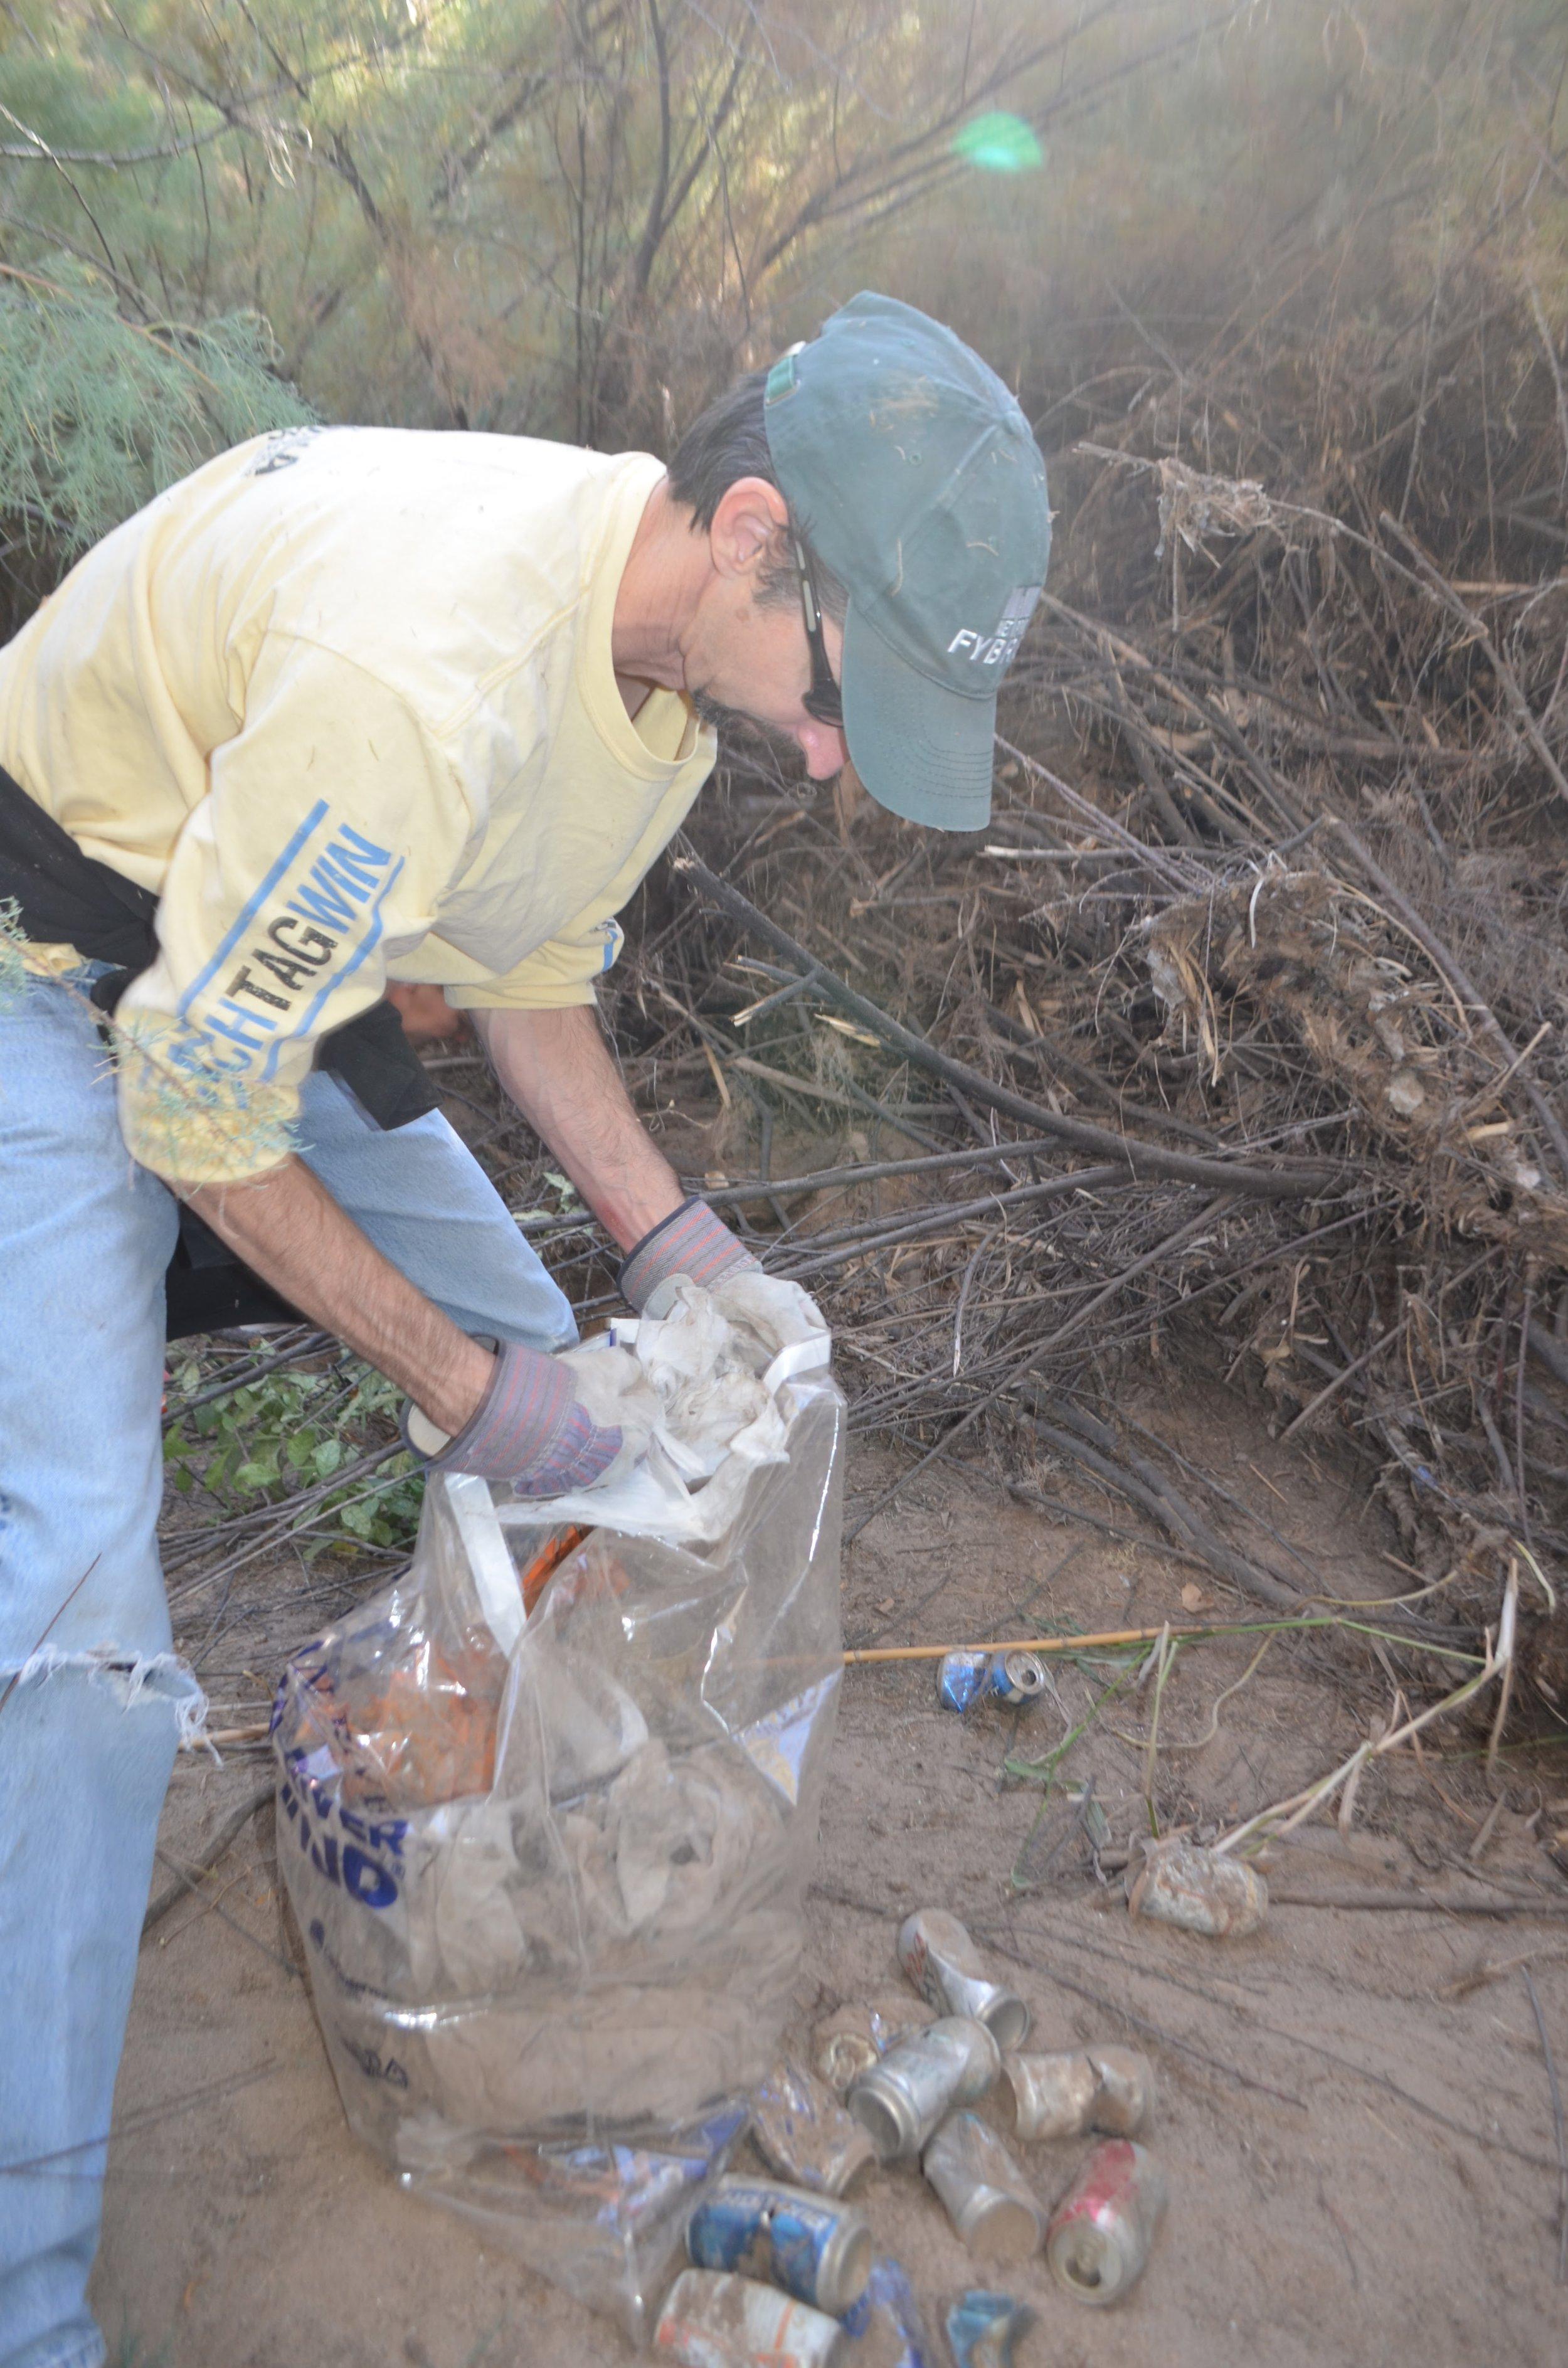 Salt River Cleanup 11-24-17 105.jpg